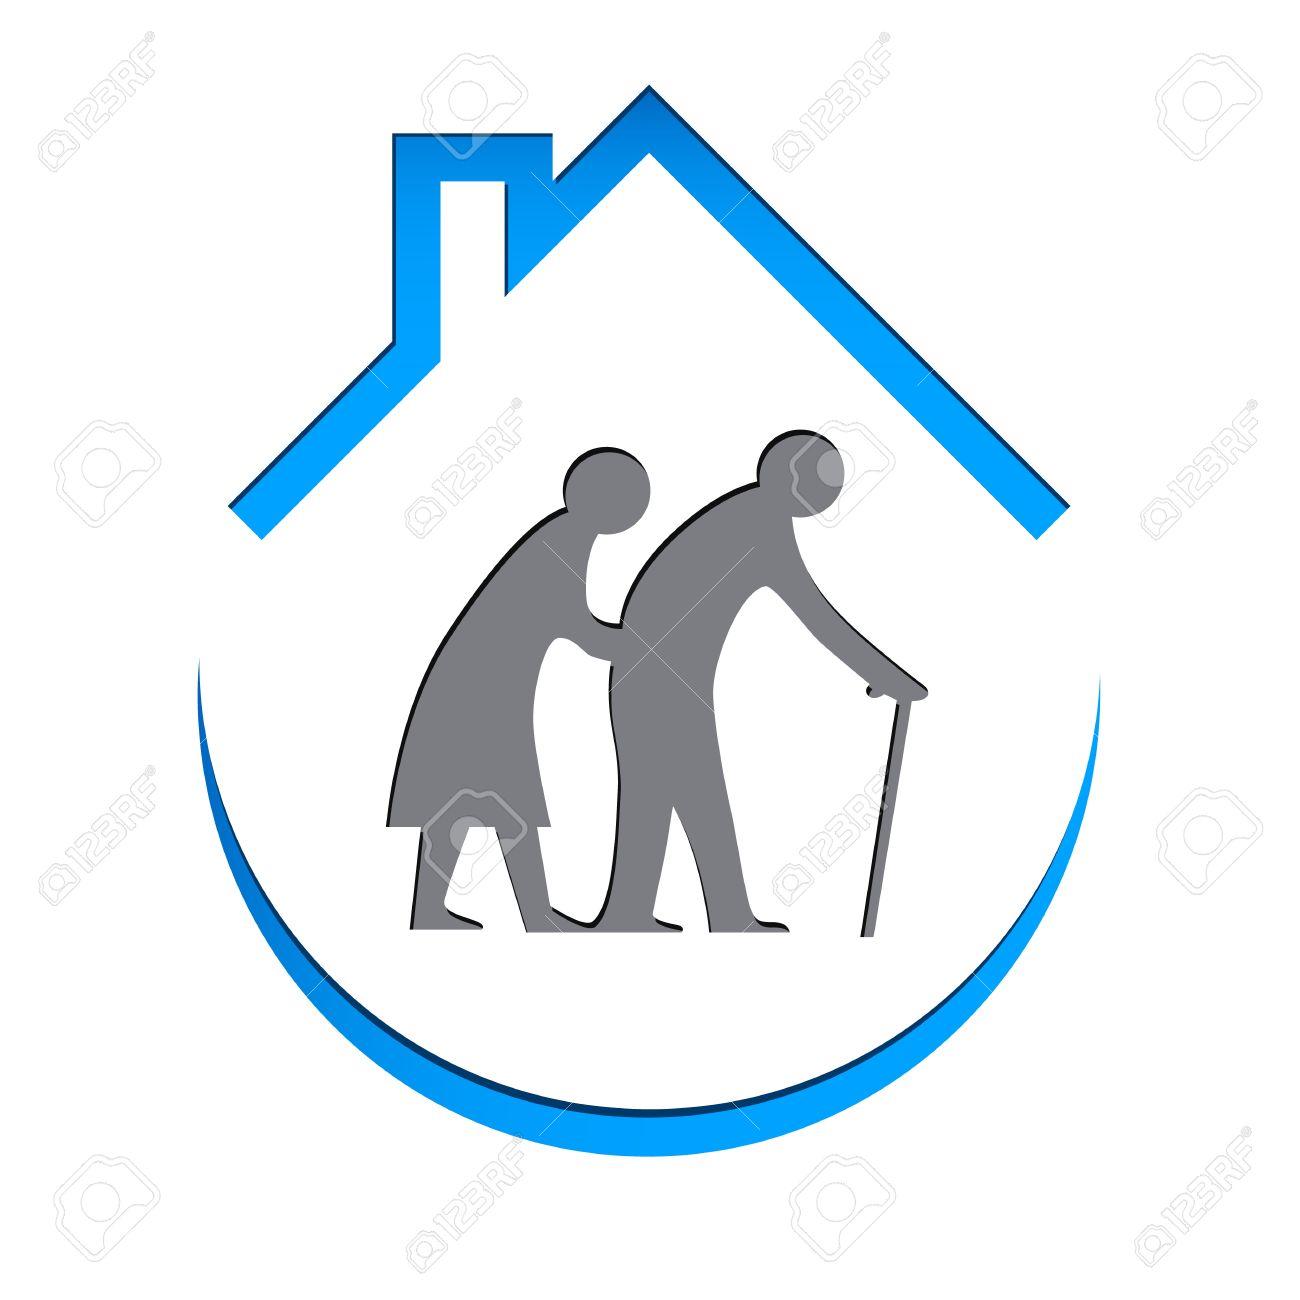 nursing home - 18643922